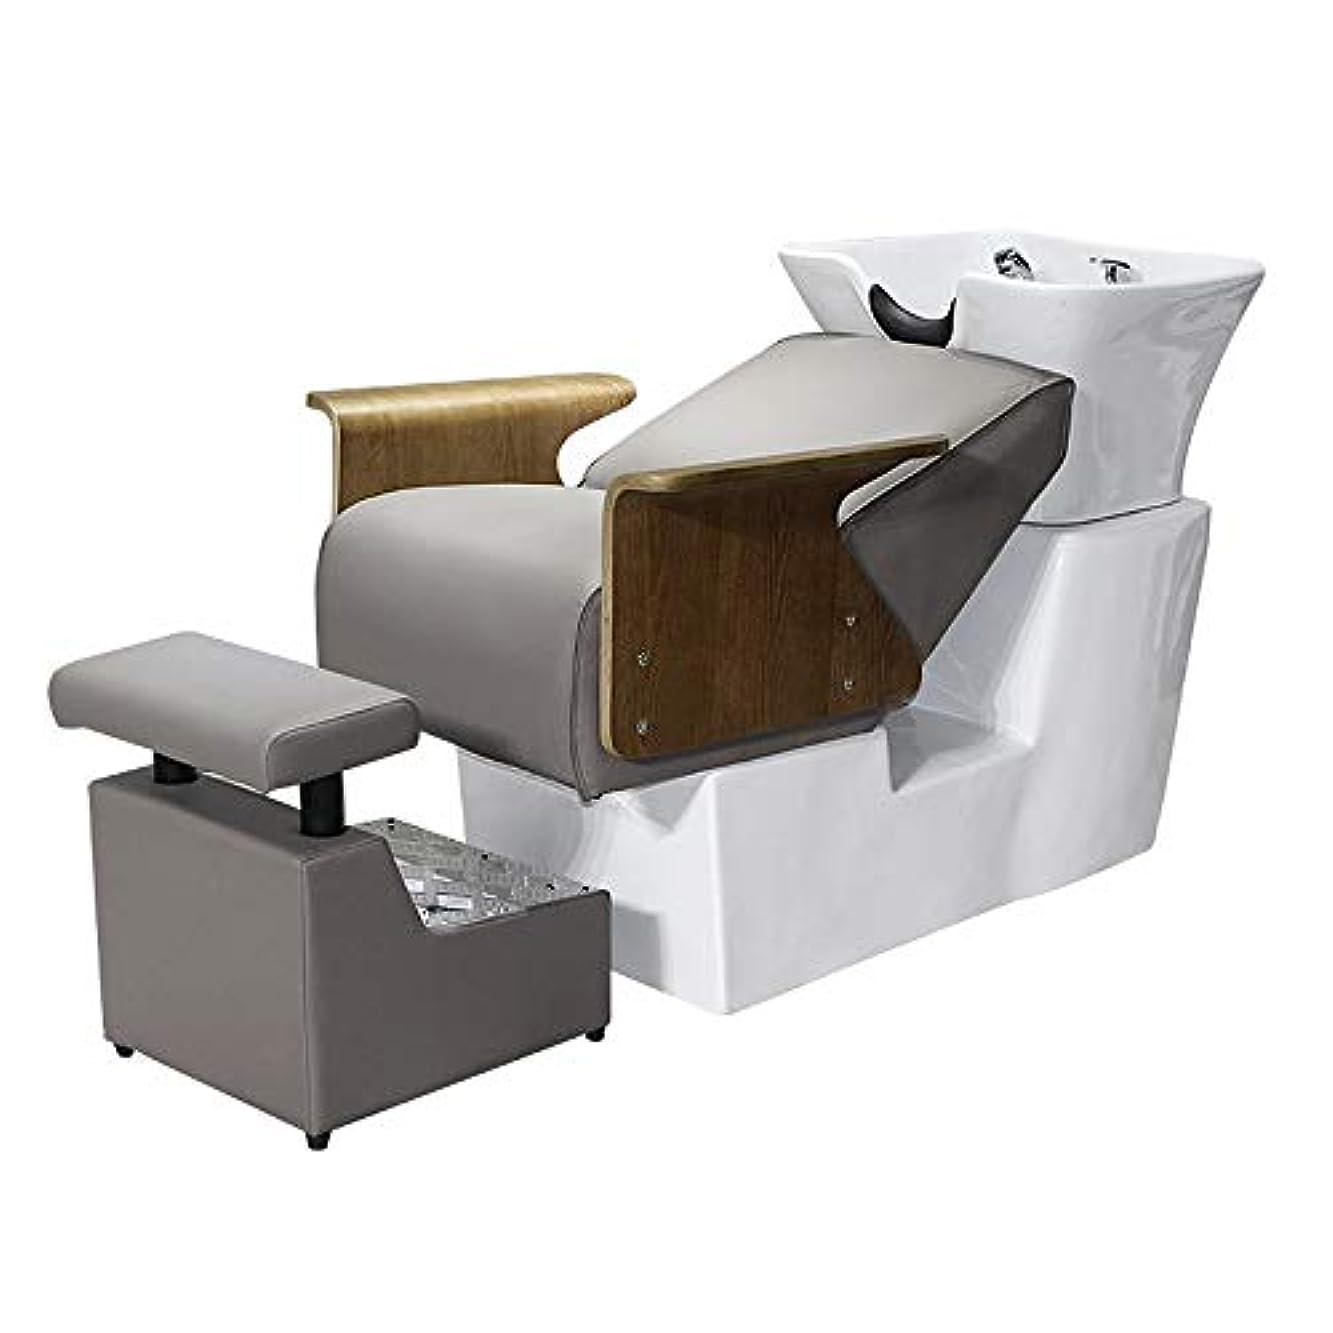 教授回転するお手伝いさんシャンプーの椅子、陶磁器の洗面器のシャンプーのベッドの逆洗の単位の鉱泉の美容院装置のためのシャンプーボールの理髪の流しの椅子